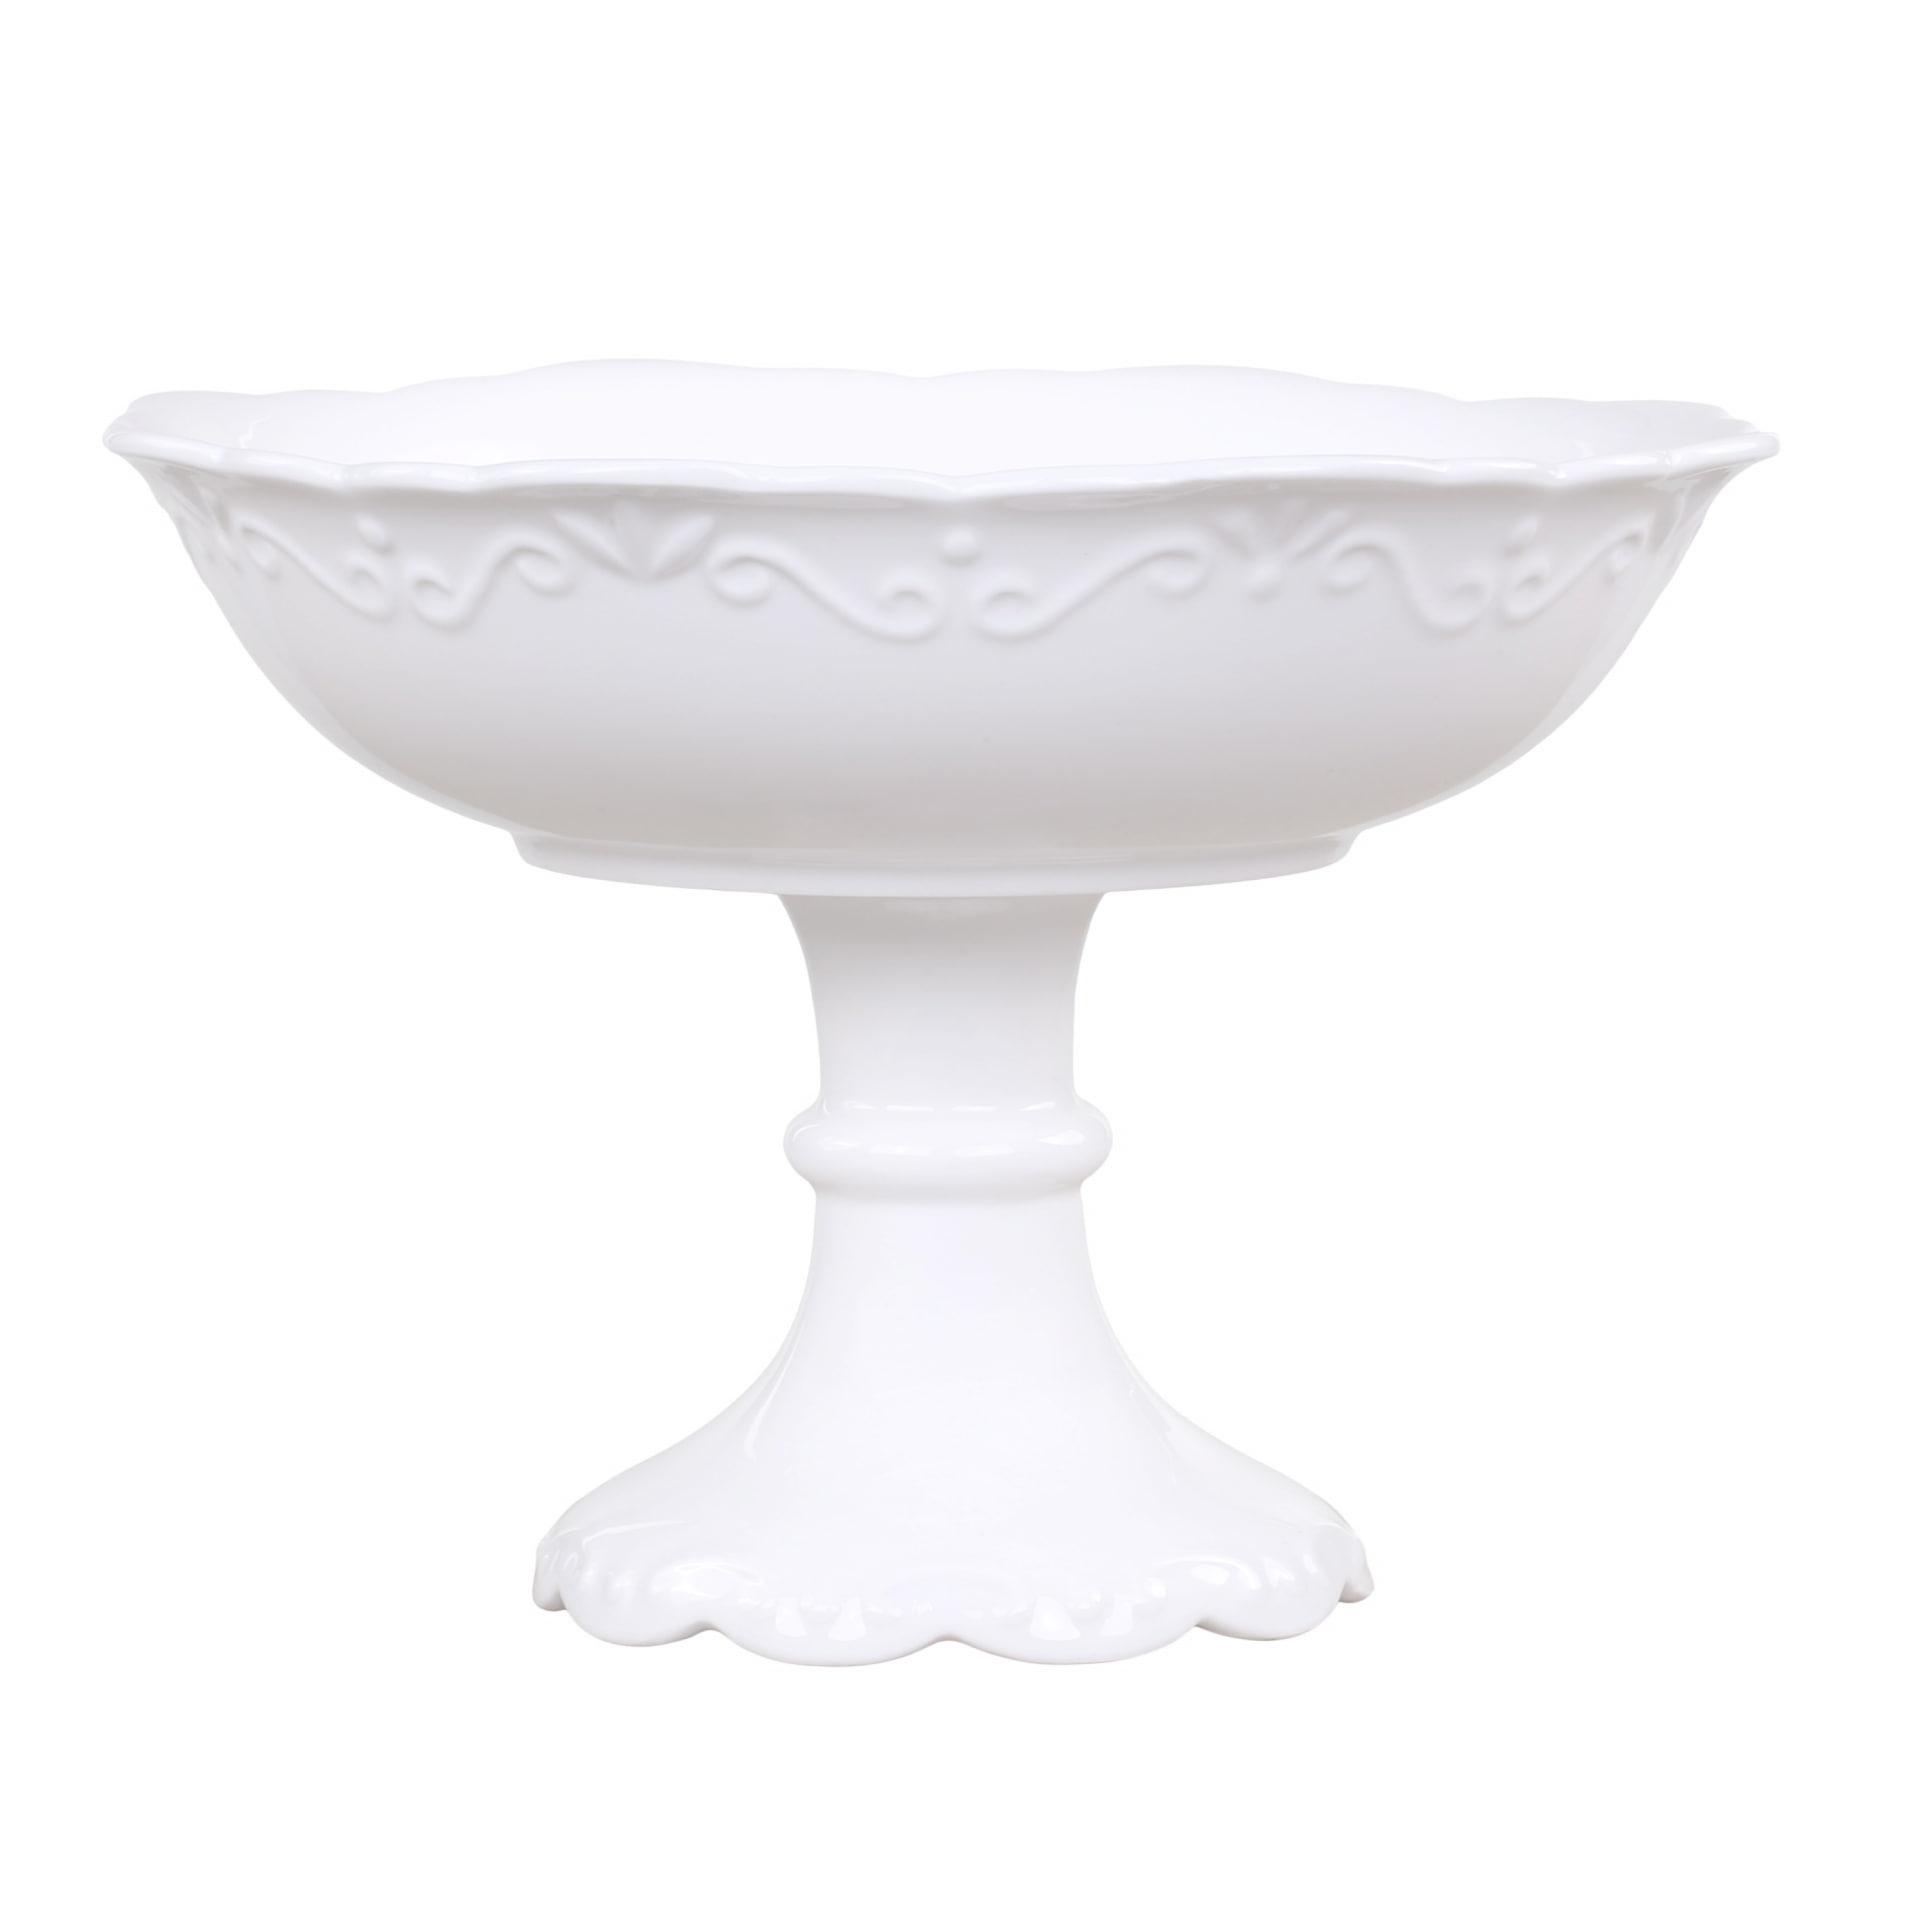 Chic Antique Porcelánová mísa na nožce Provence, bílá barva, keramika